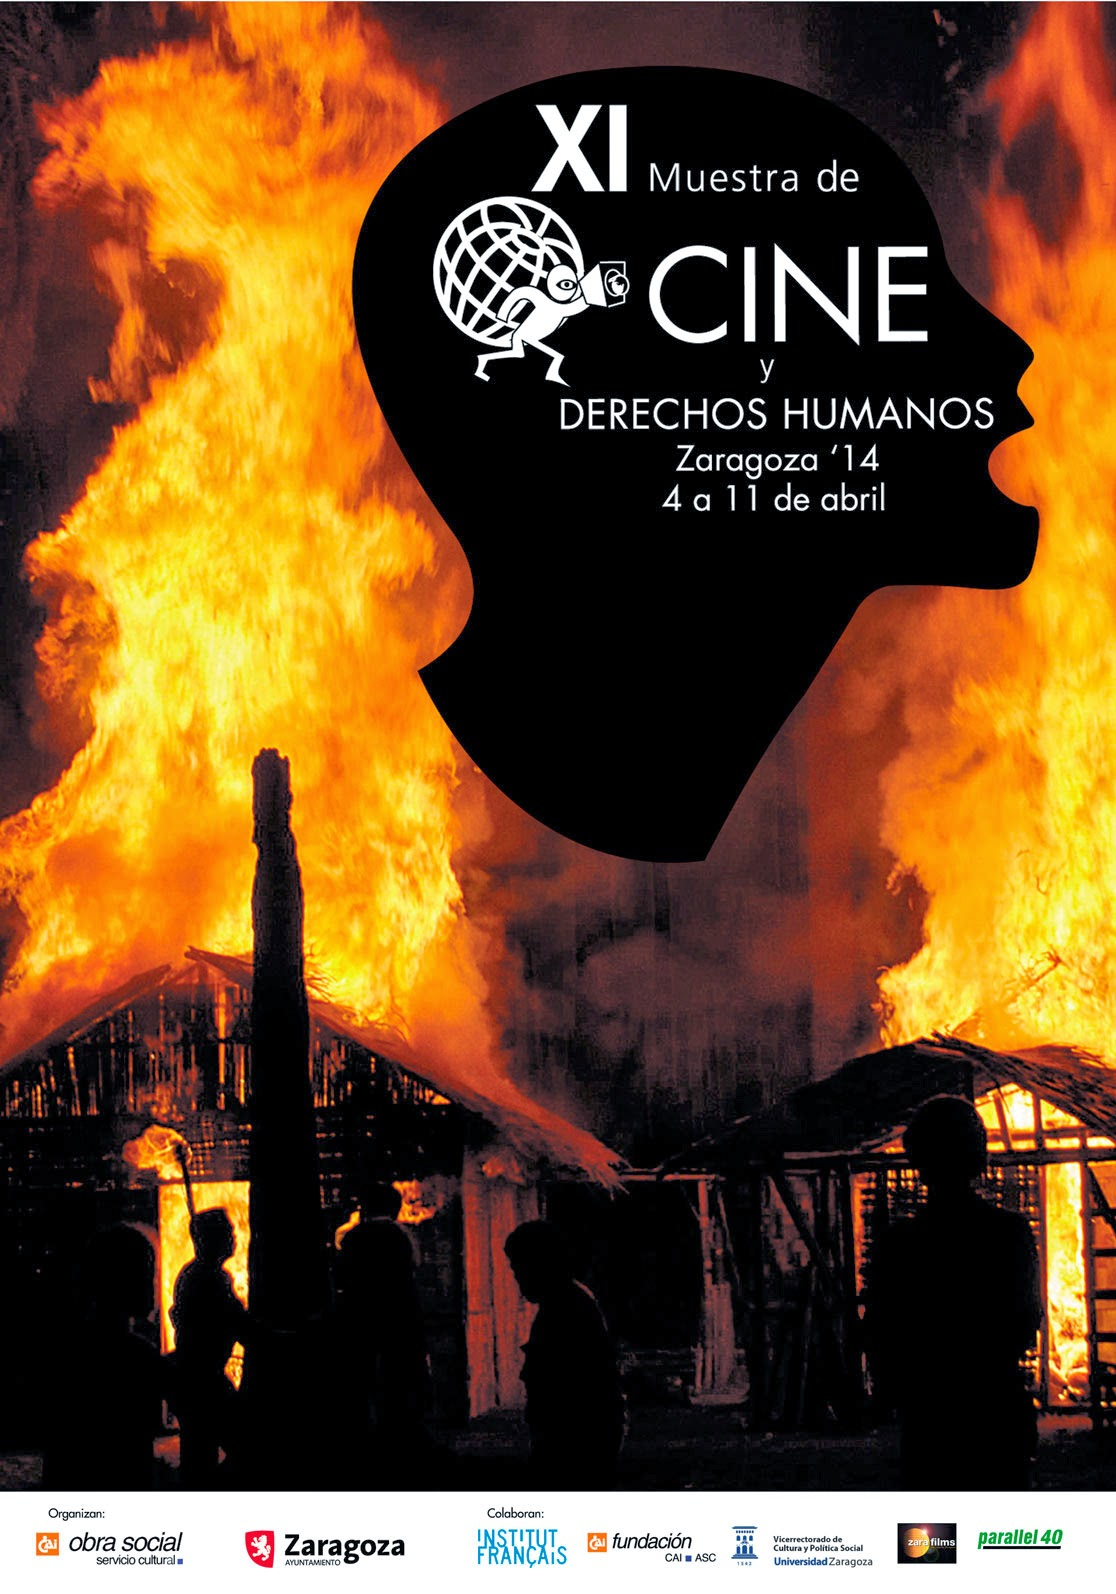 Muestra de cine y derechos humanos de zaragoza avance de for Act ii salon fairfax va